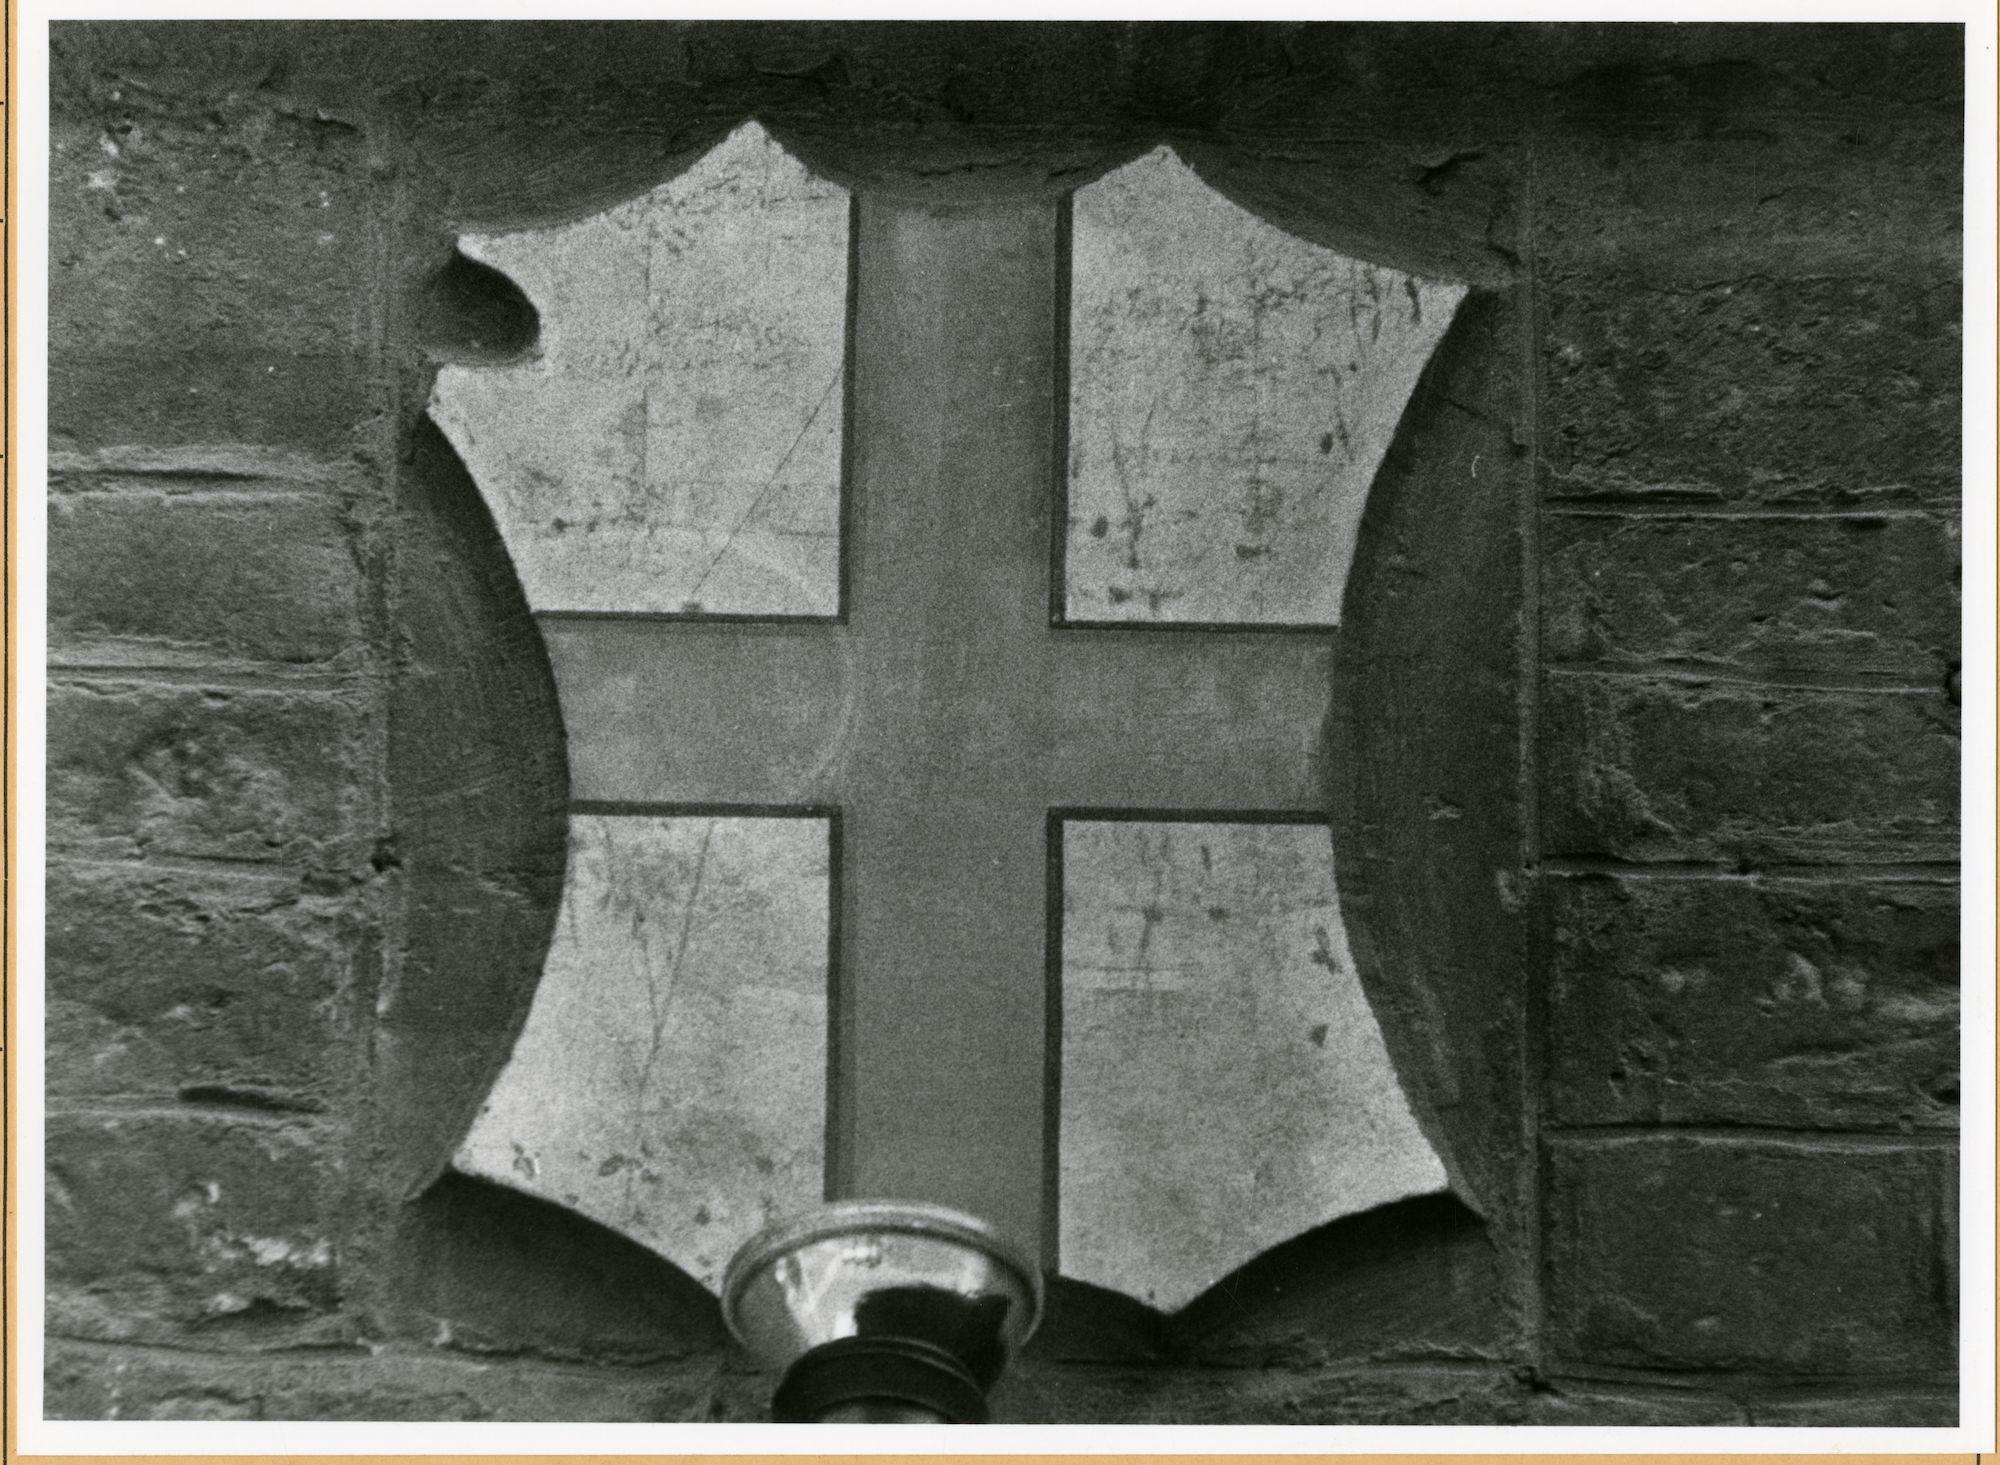 Gent: Hoogpoort: St-Jorishof: Cartouche: wapenschild van Sint-Joris, 1979